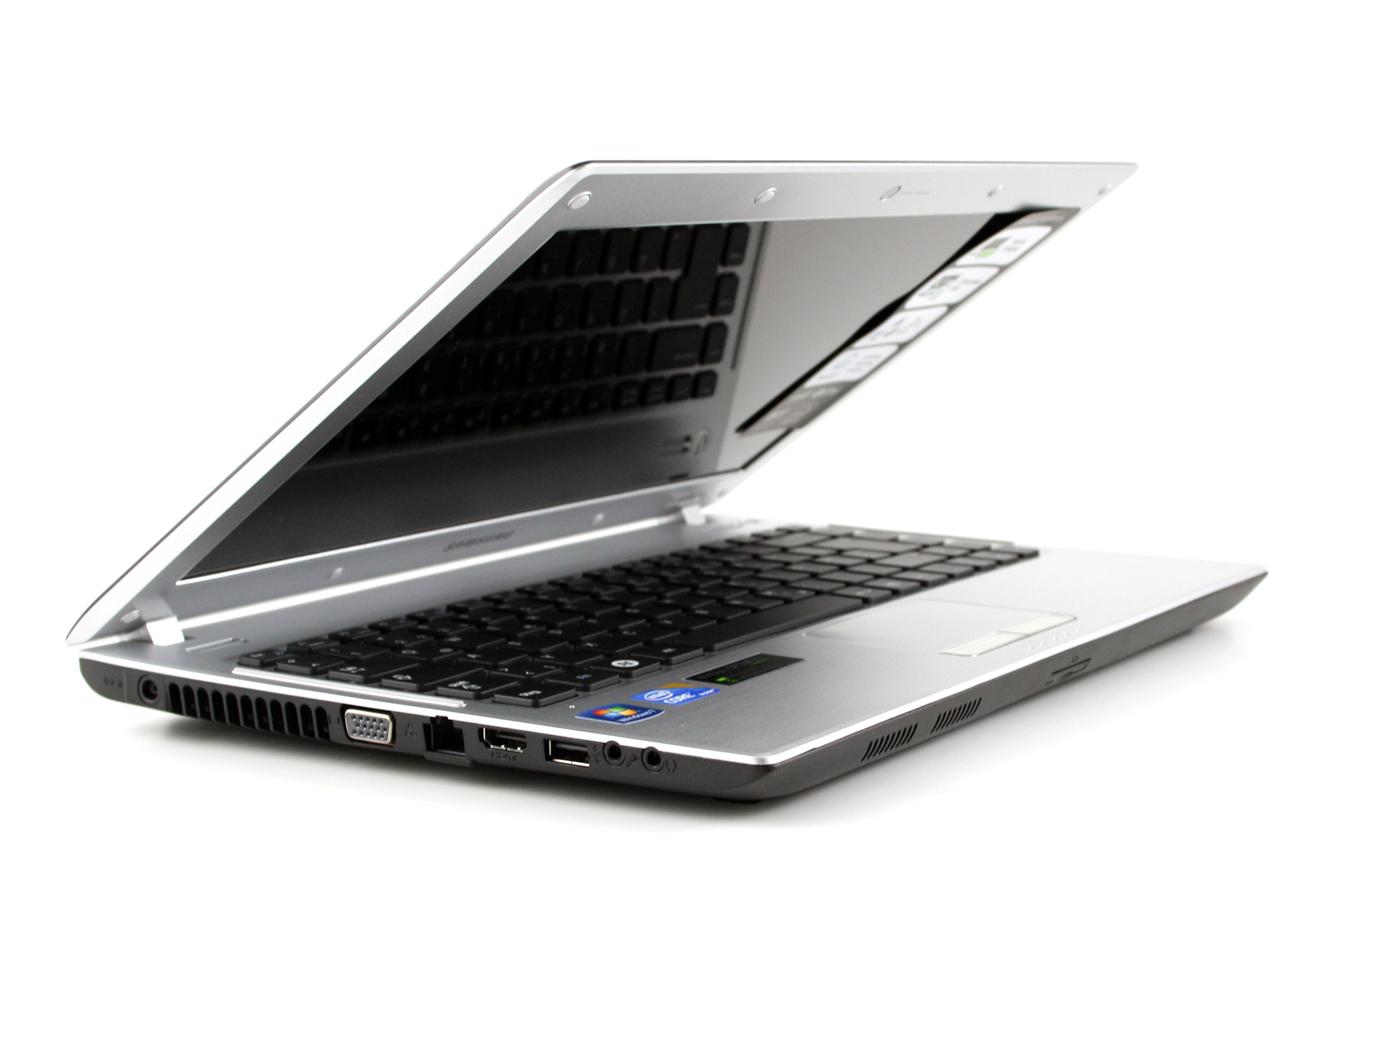 Notebook samsung cena - Samsung Q330 Js03de Suri